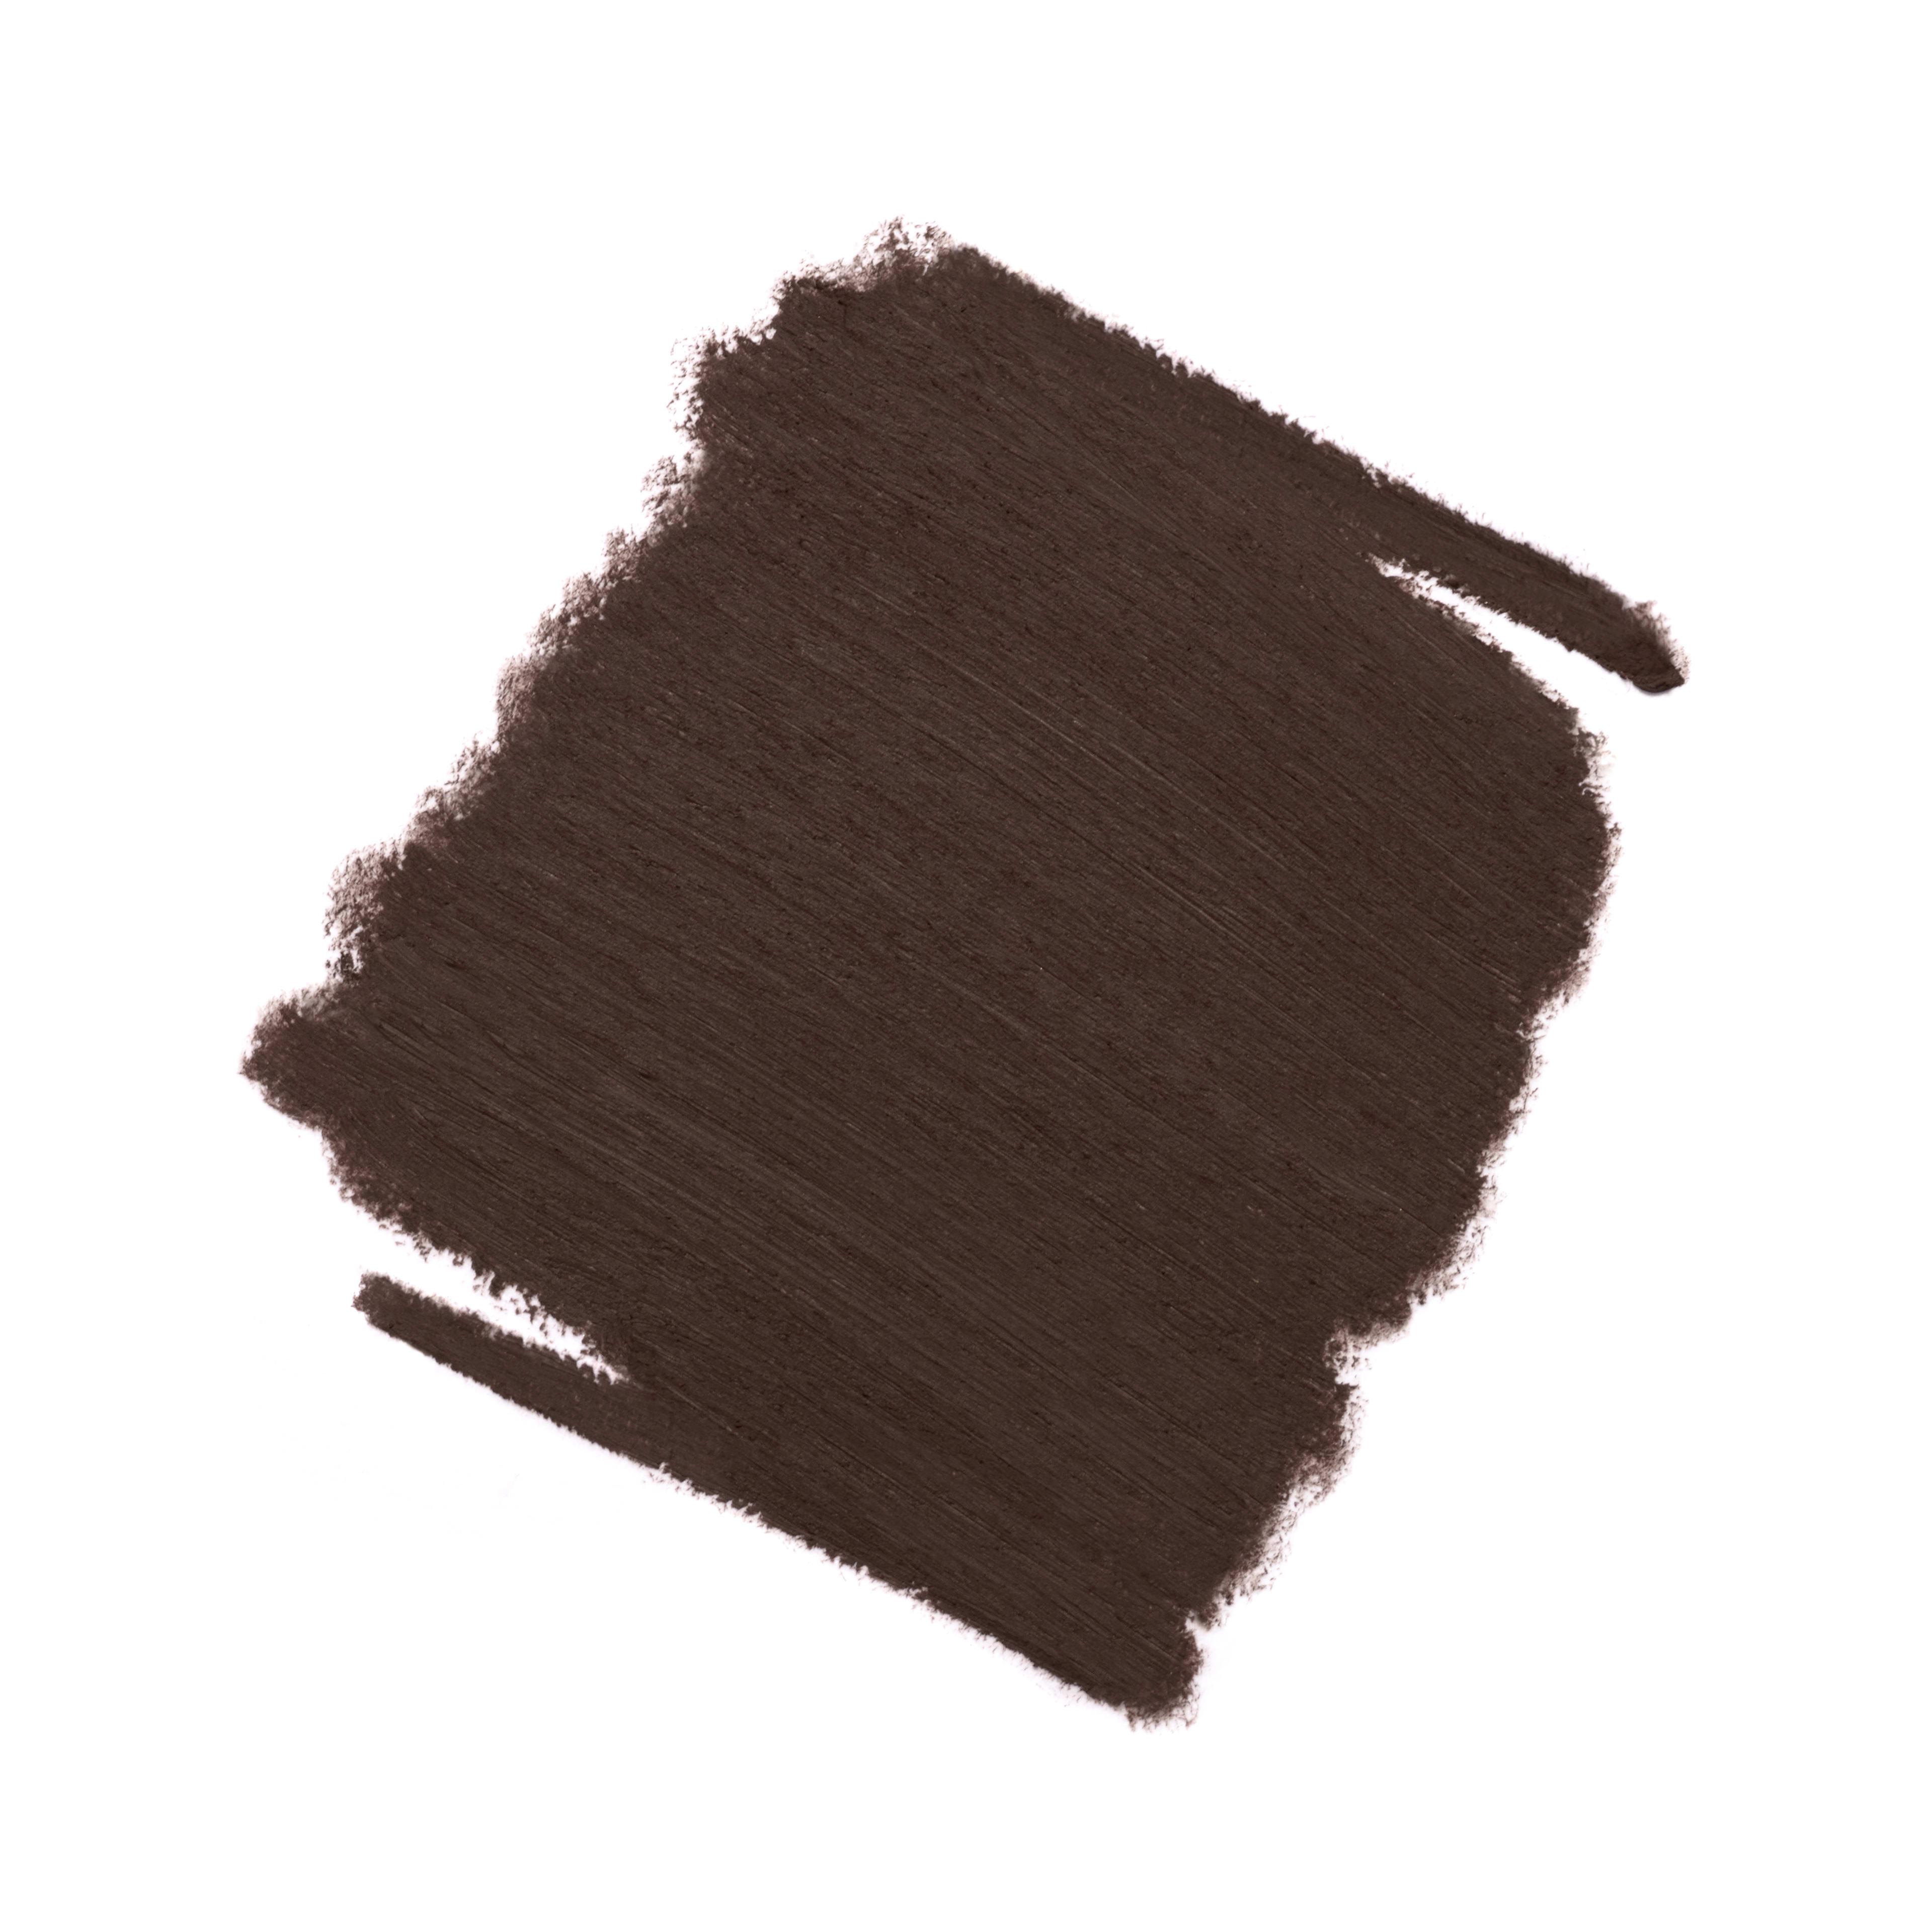 LE CRAYON YEUX - makeup - 0.03OZ. - Basic texture view